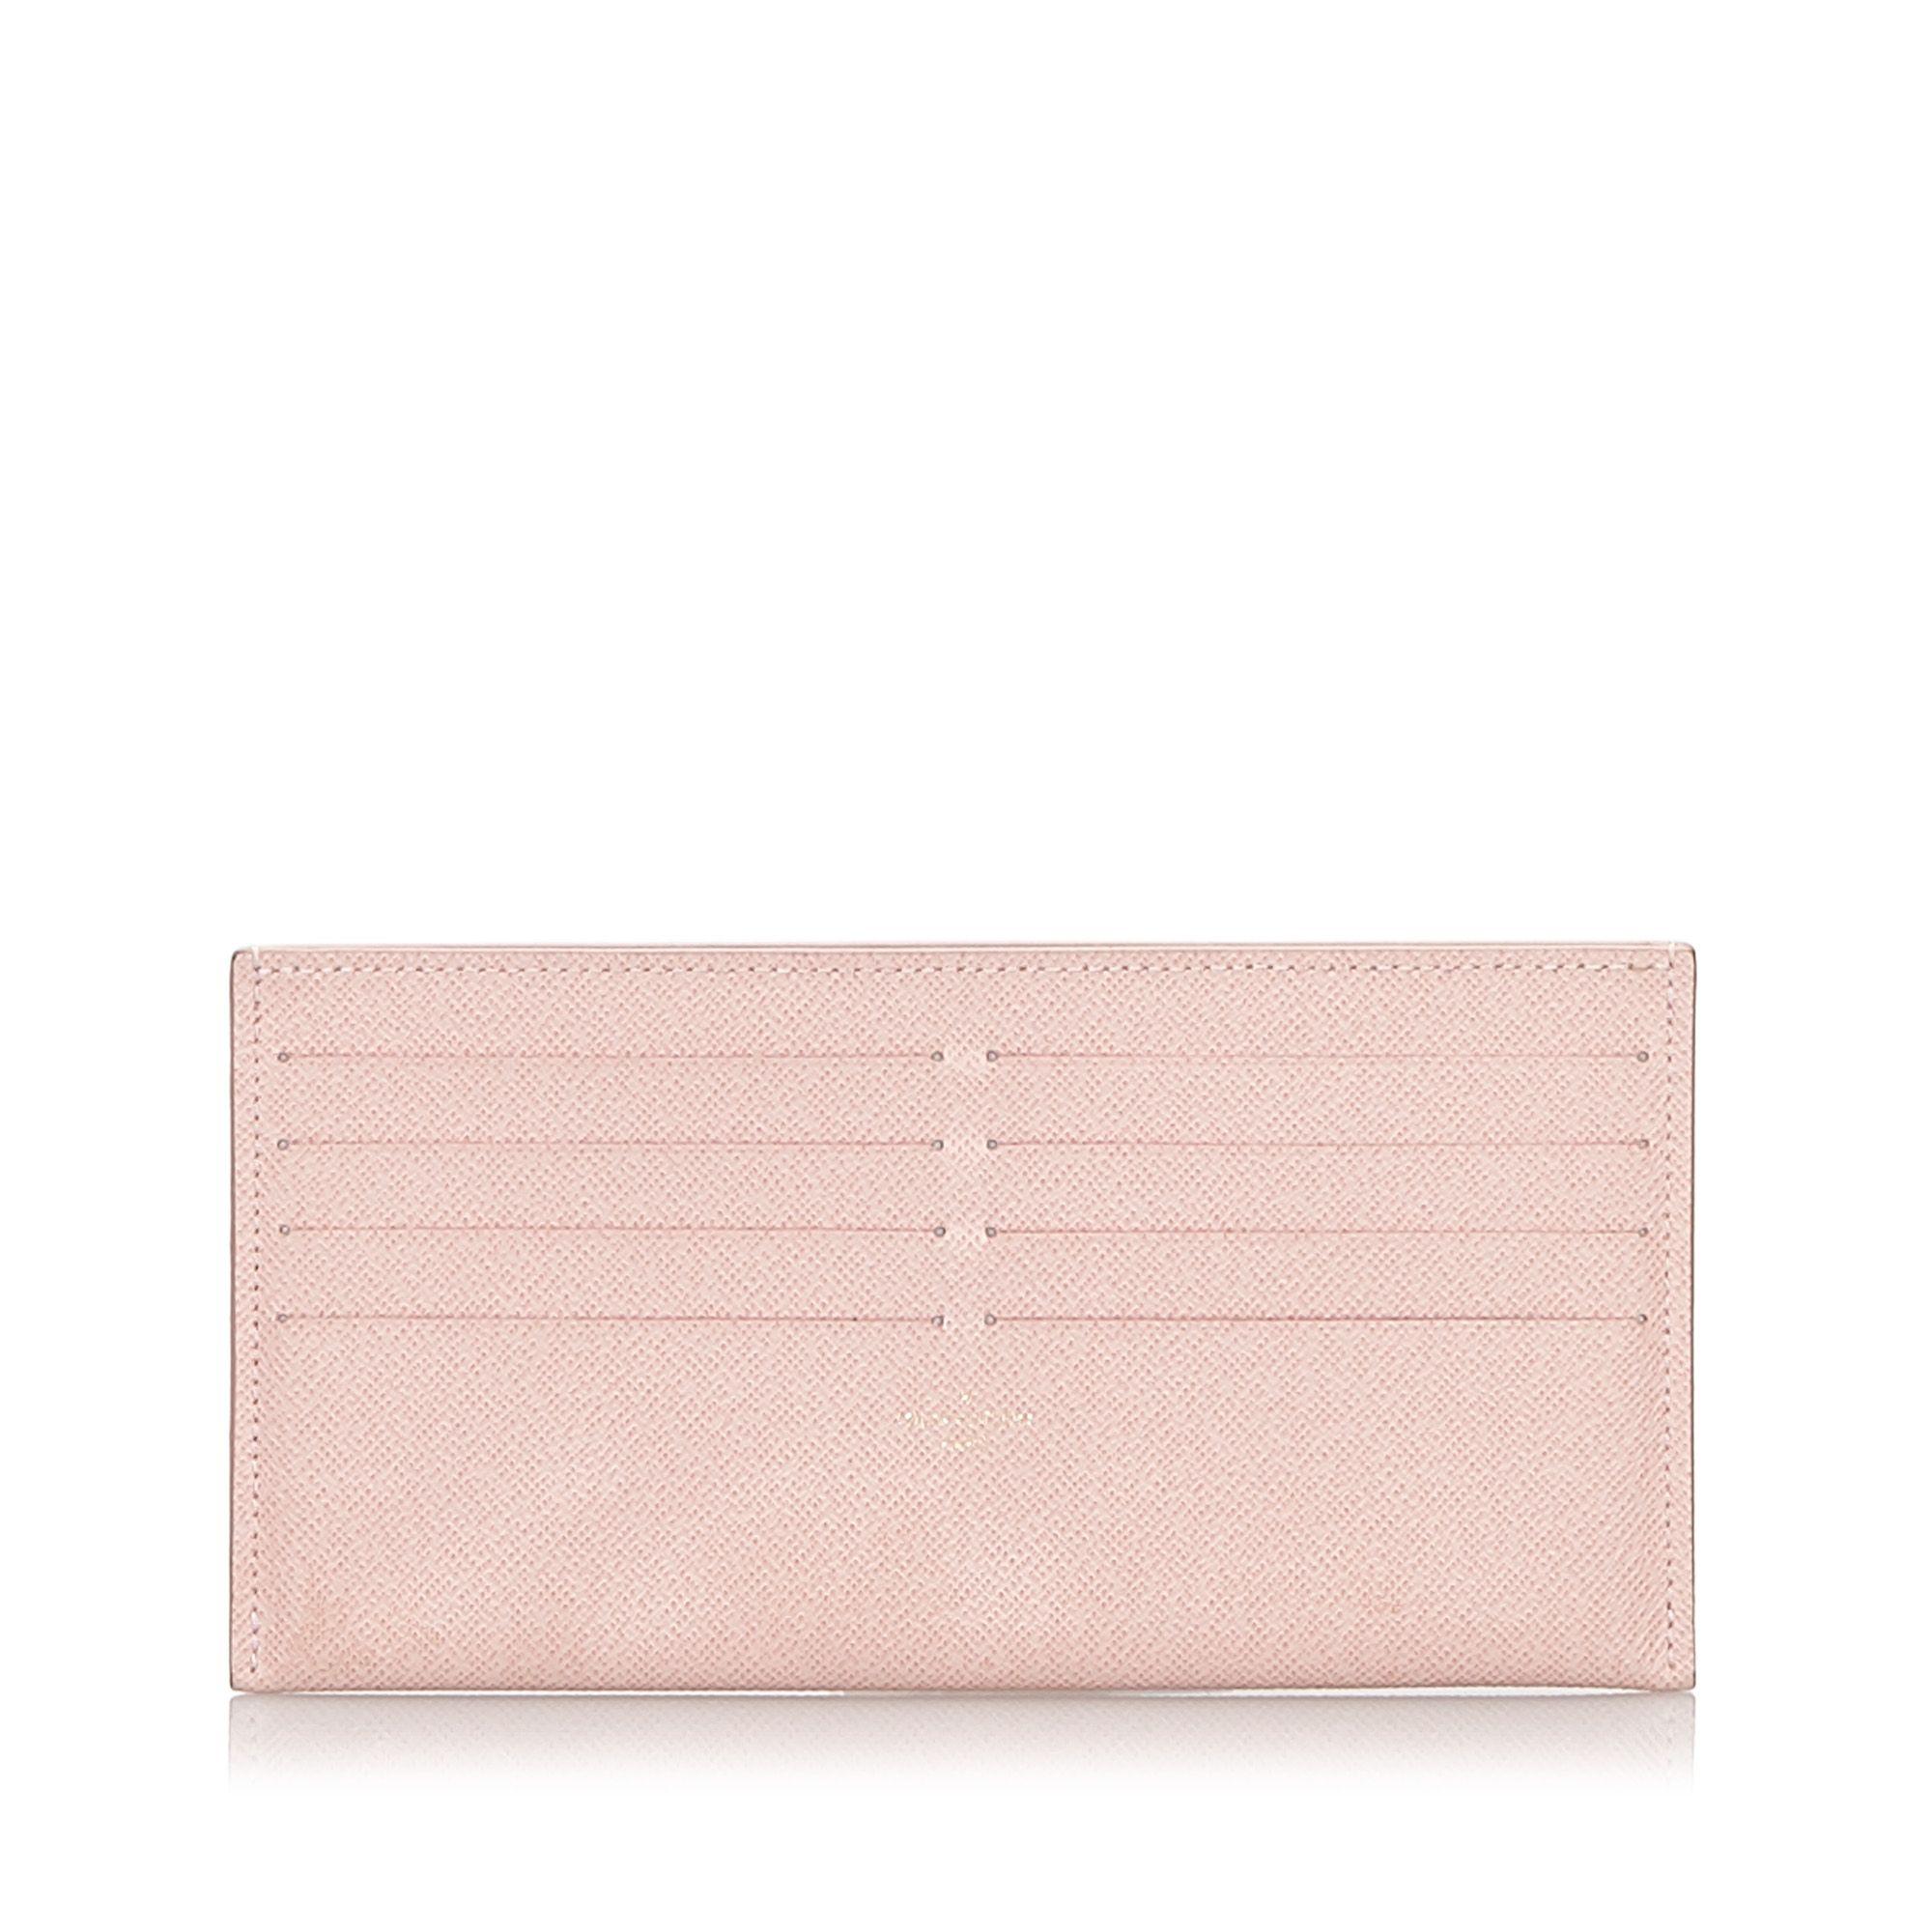 Vintage Louis Vuitton Taiga Pochette Felicie Insert Pink